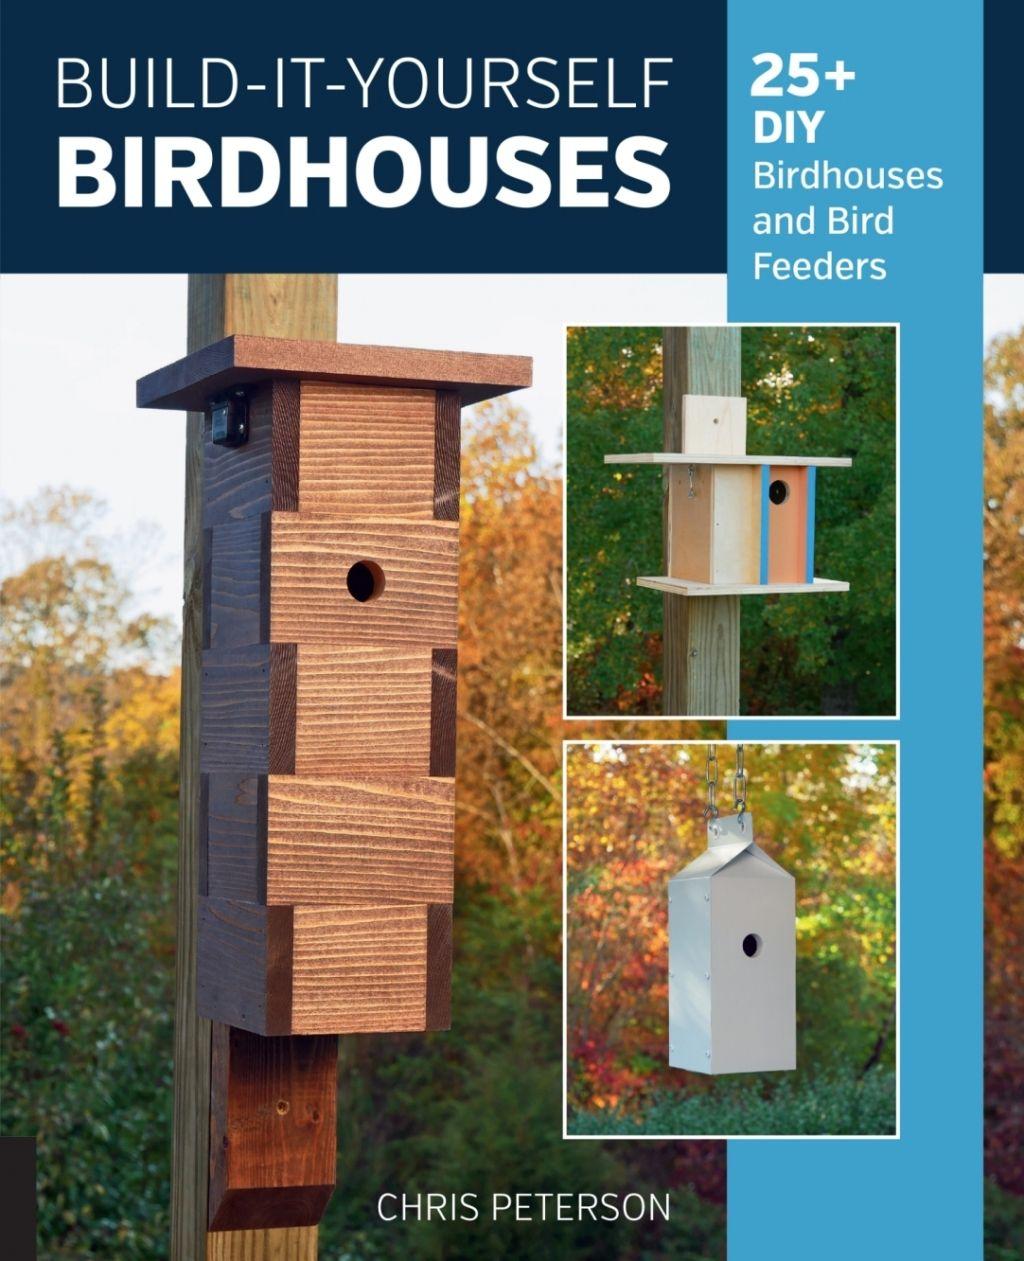 BuildItYourself Birdhouses (eBook) in 2020 Bird houses